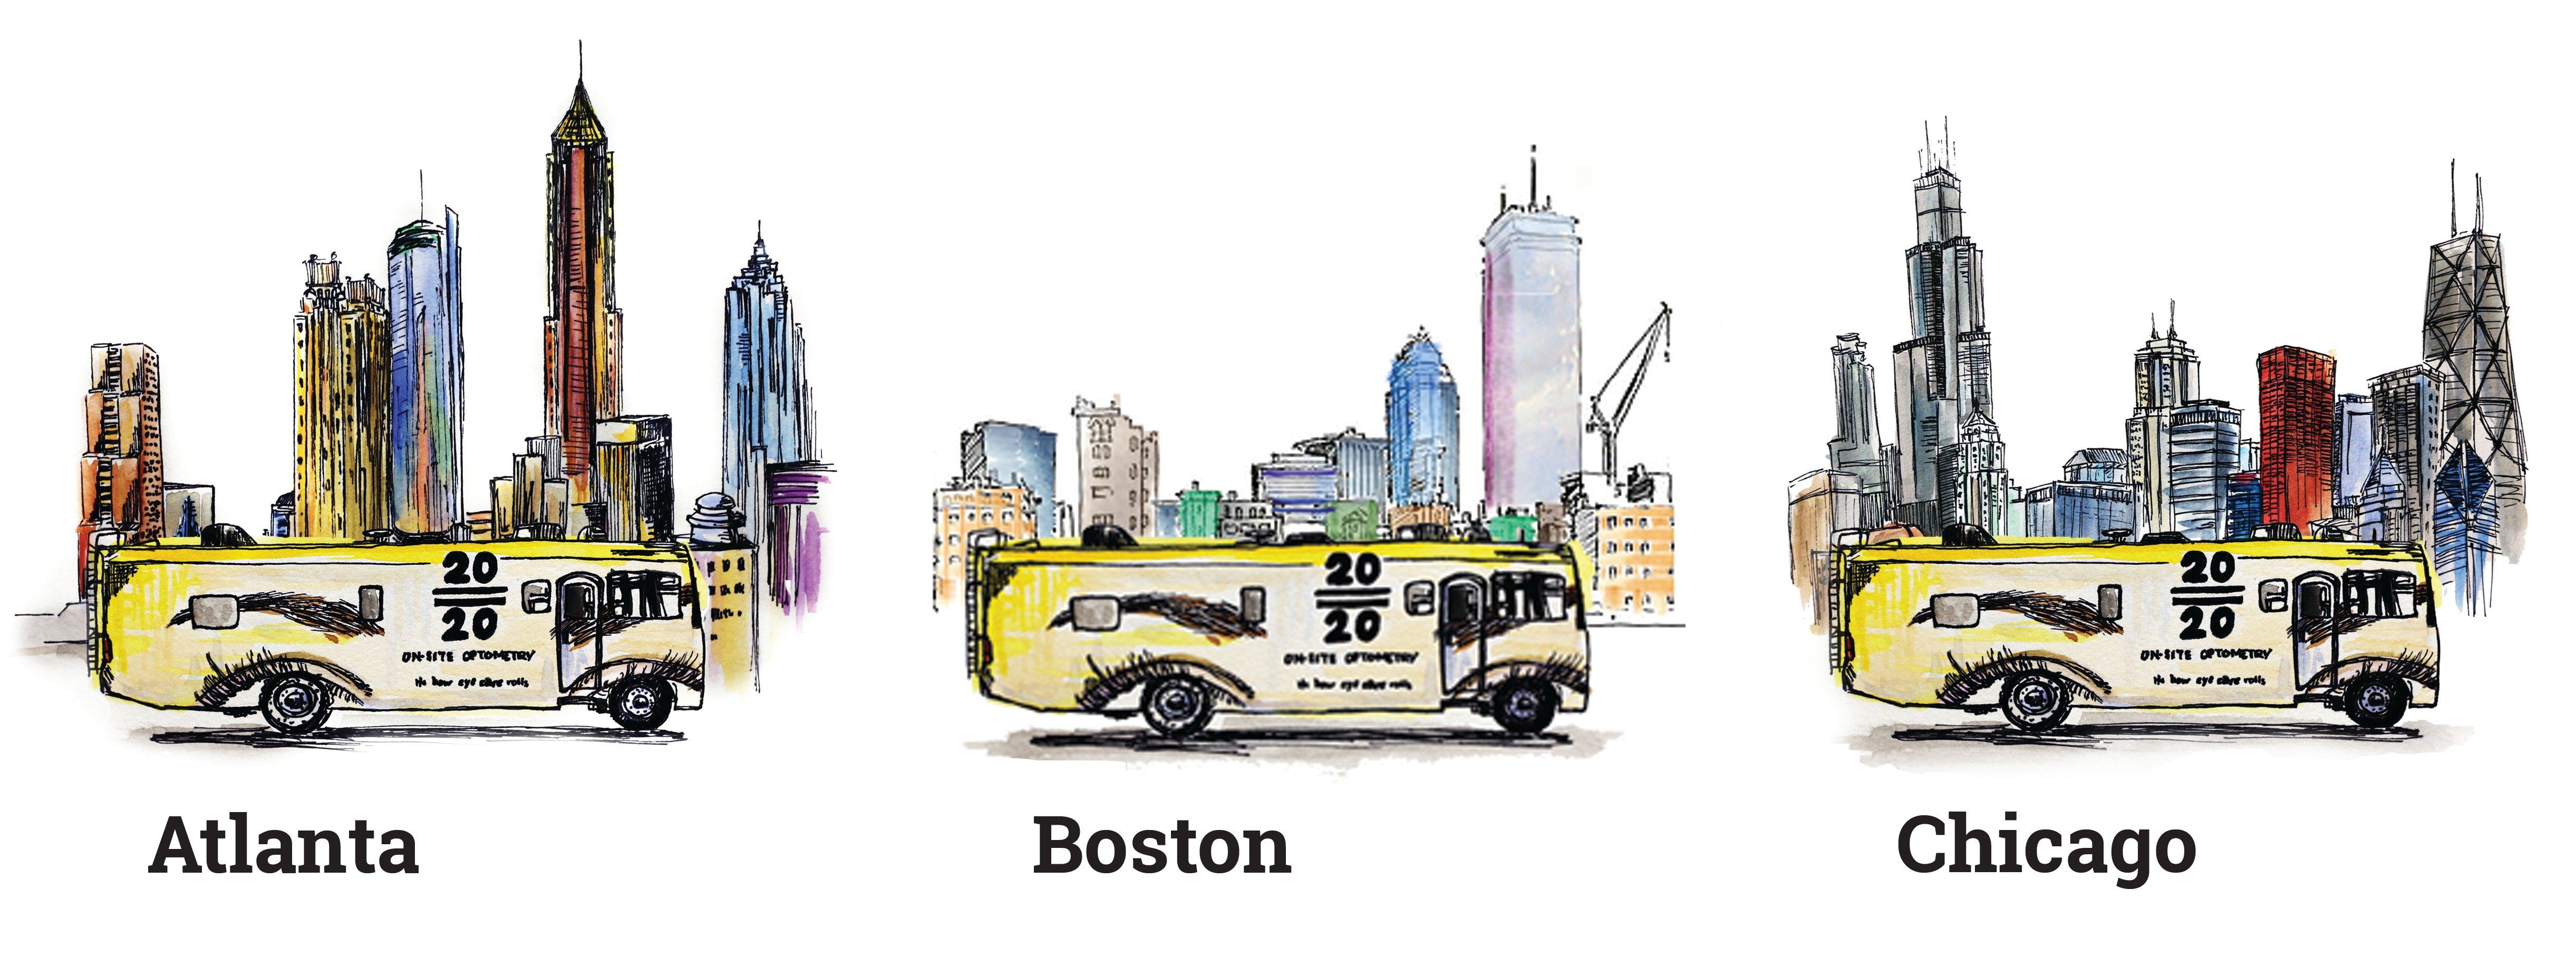 2020-onsite-serves-Boston-Atlanta-Chicago